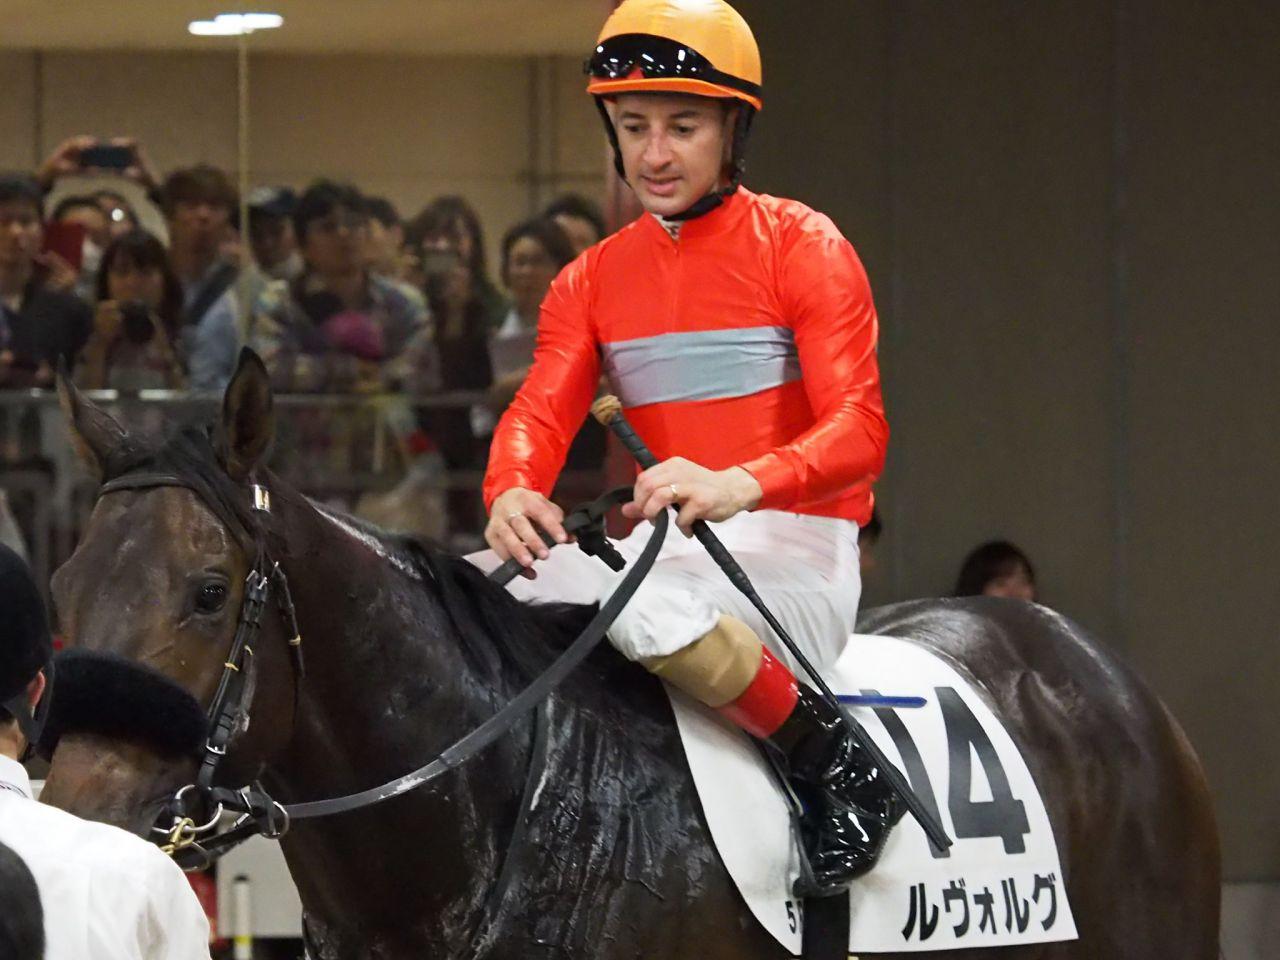 【新馬戦】ルメール「真面目で乗りやすかった」ルヴォルグがデビュー戦圧勝